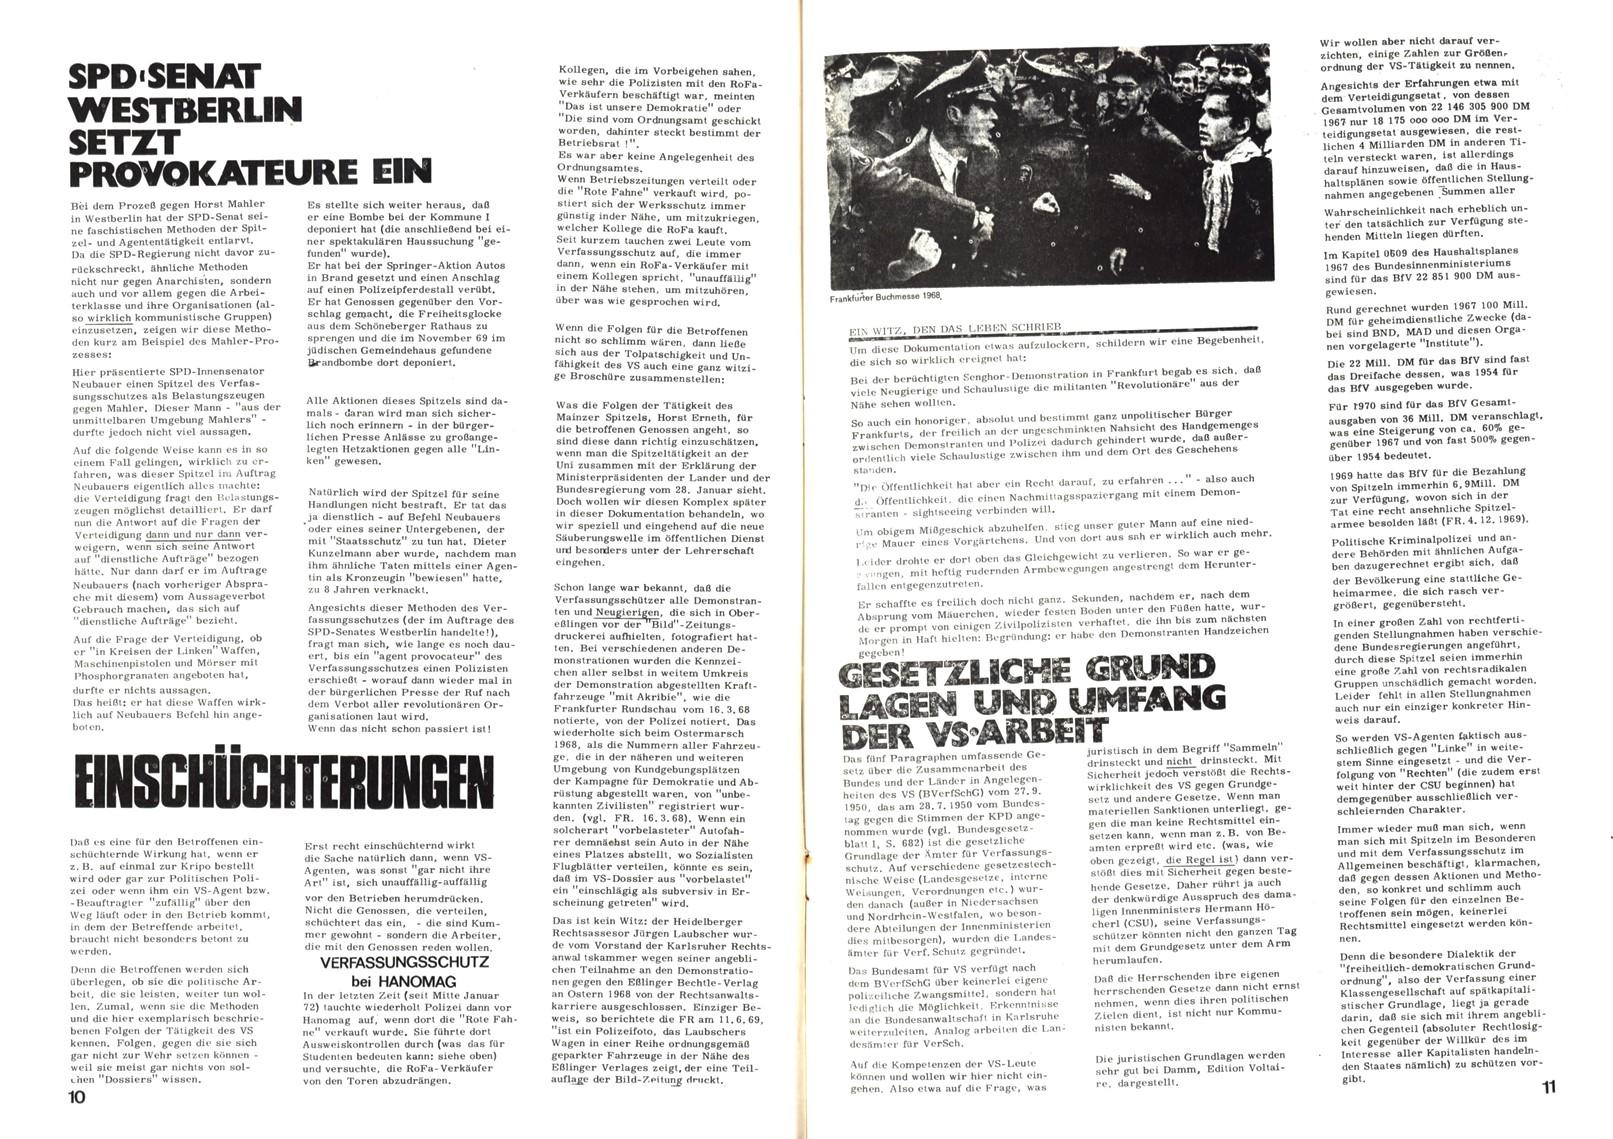 Mainz_VDS_AStA_1972_Staatsfeind_07